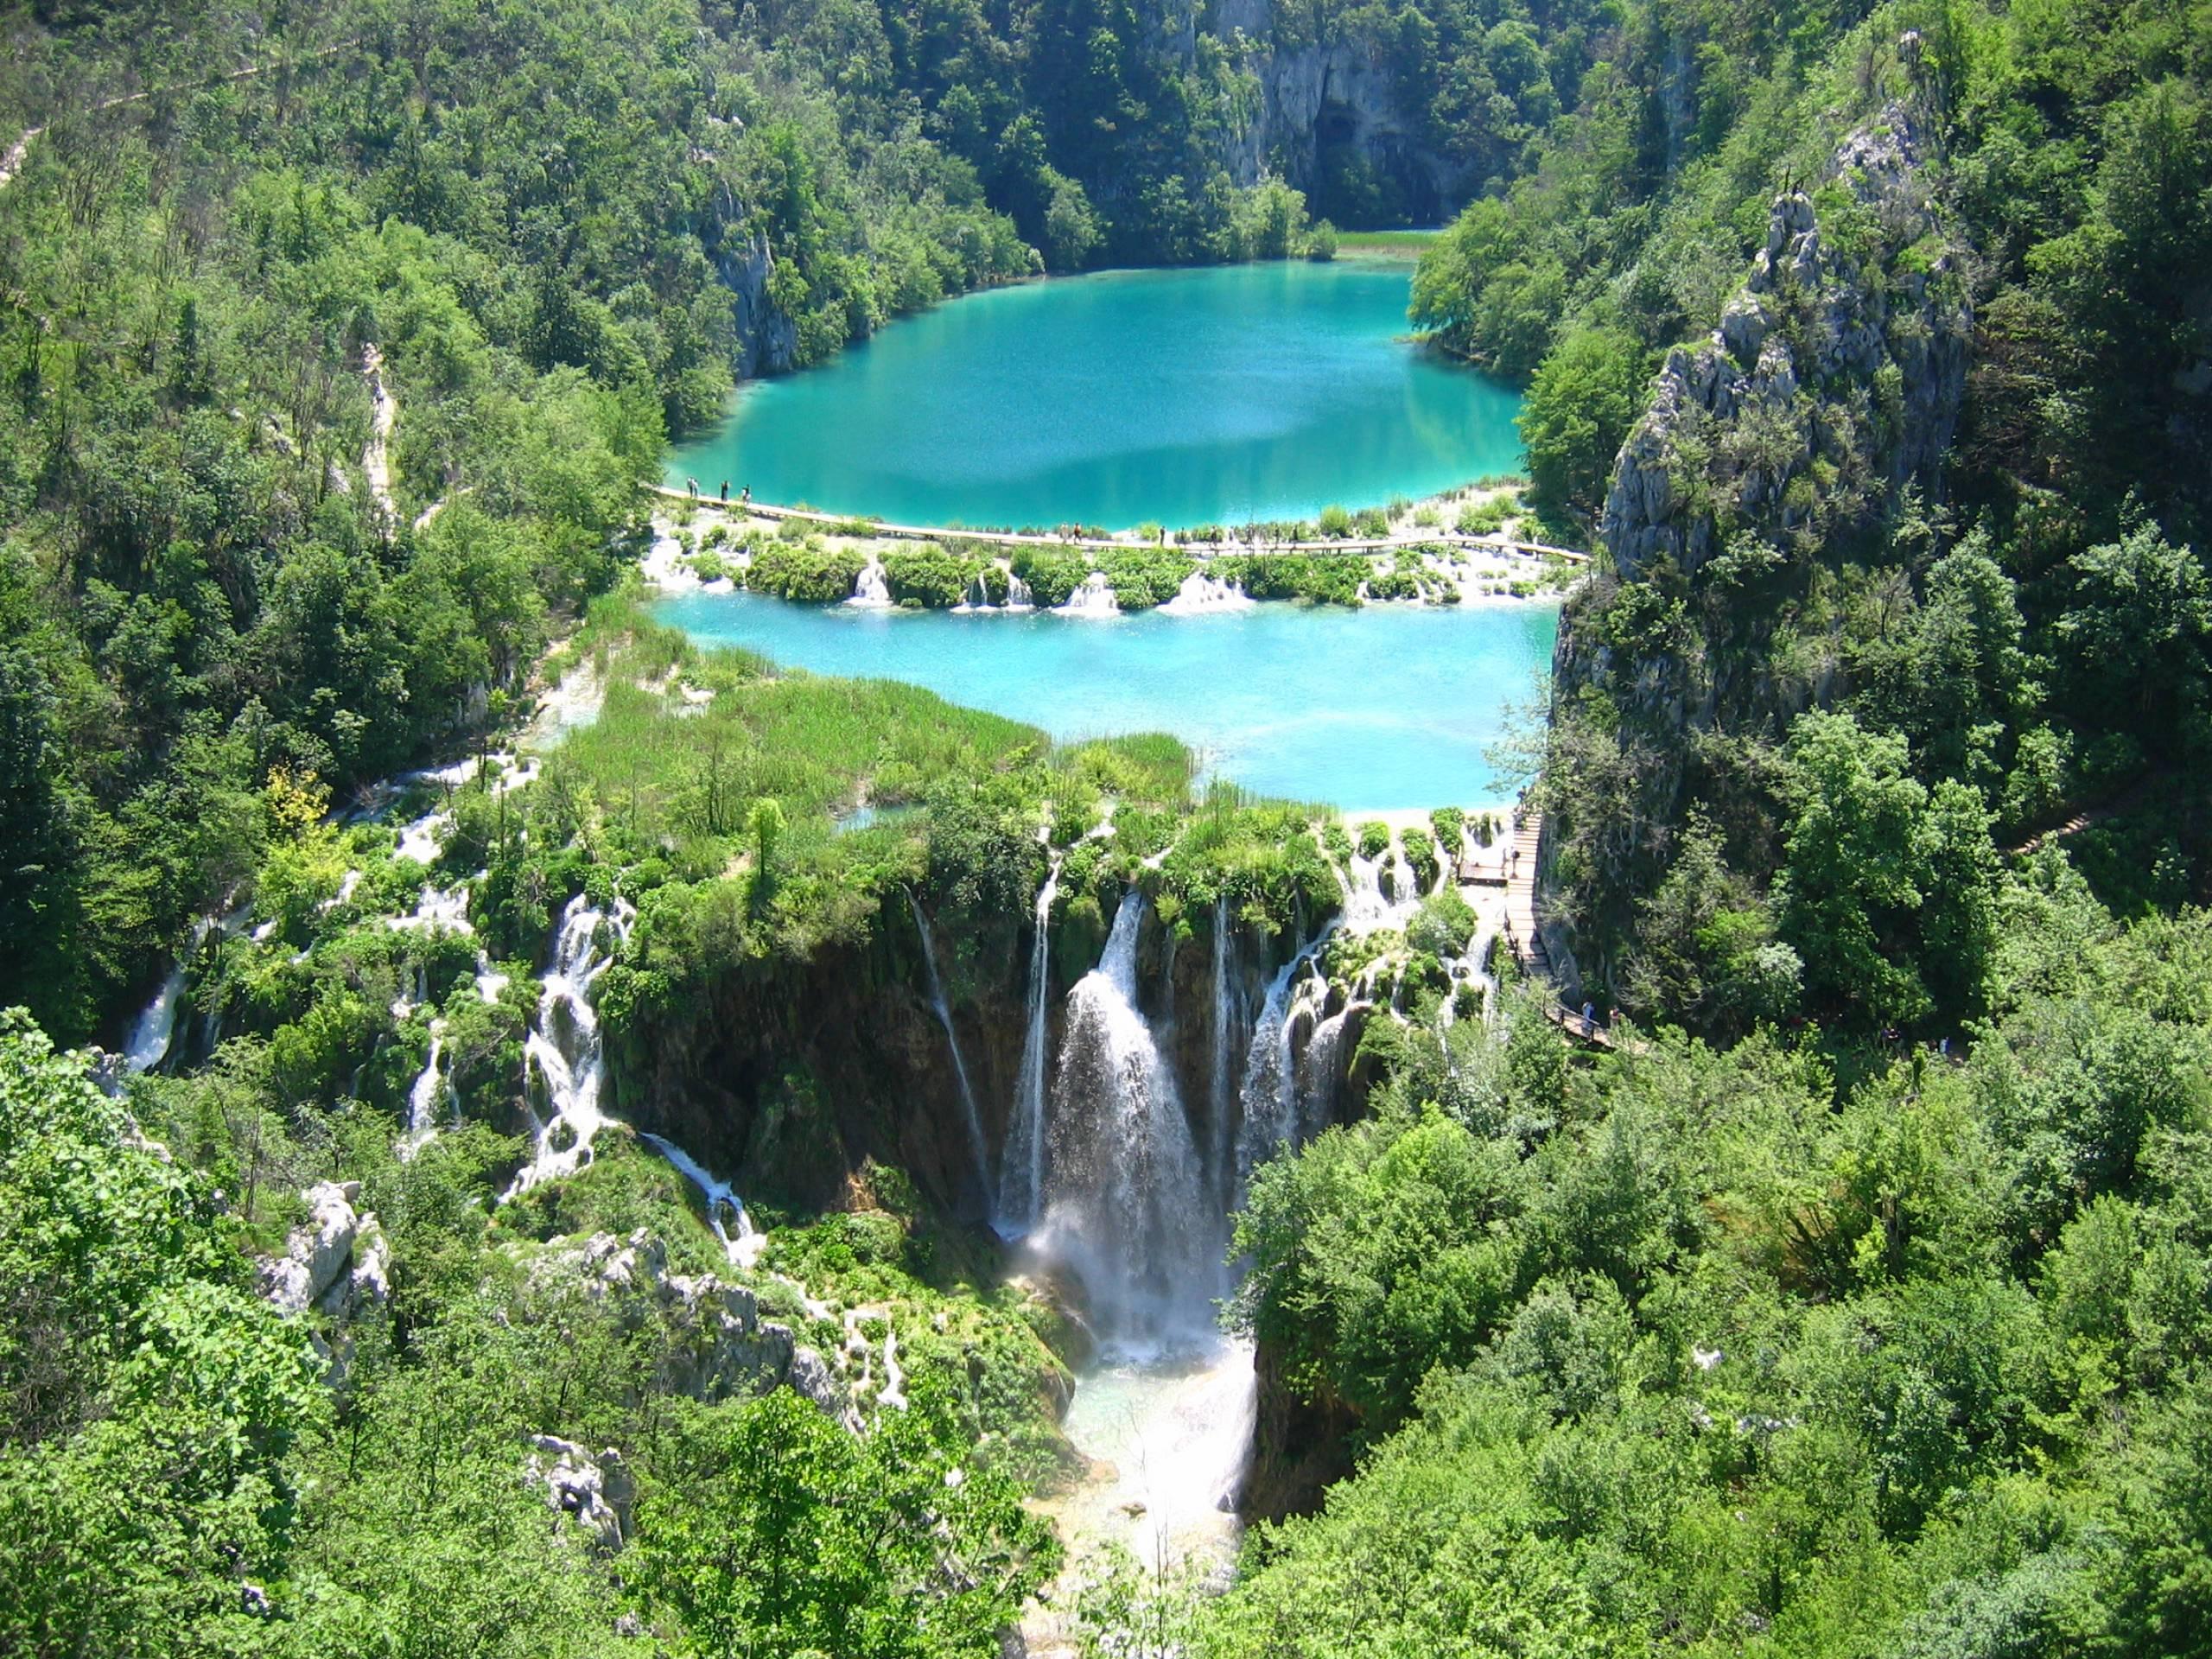 Природният феномен Плитвички езера и водопади в Хърватска